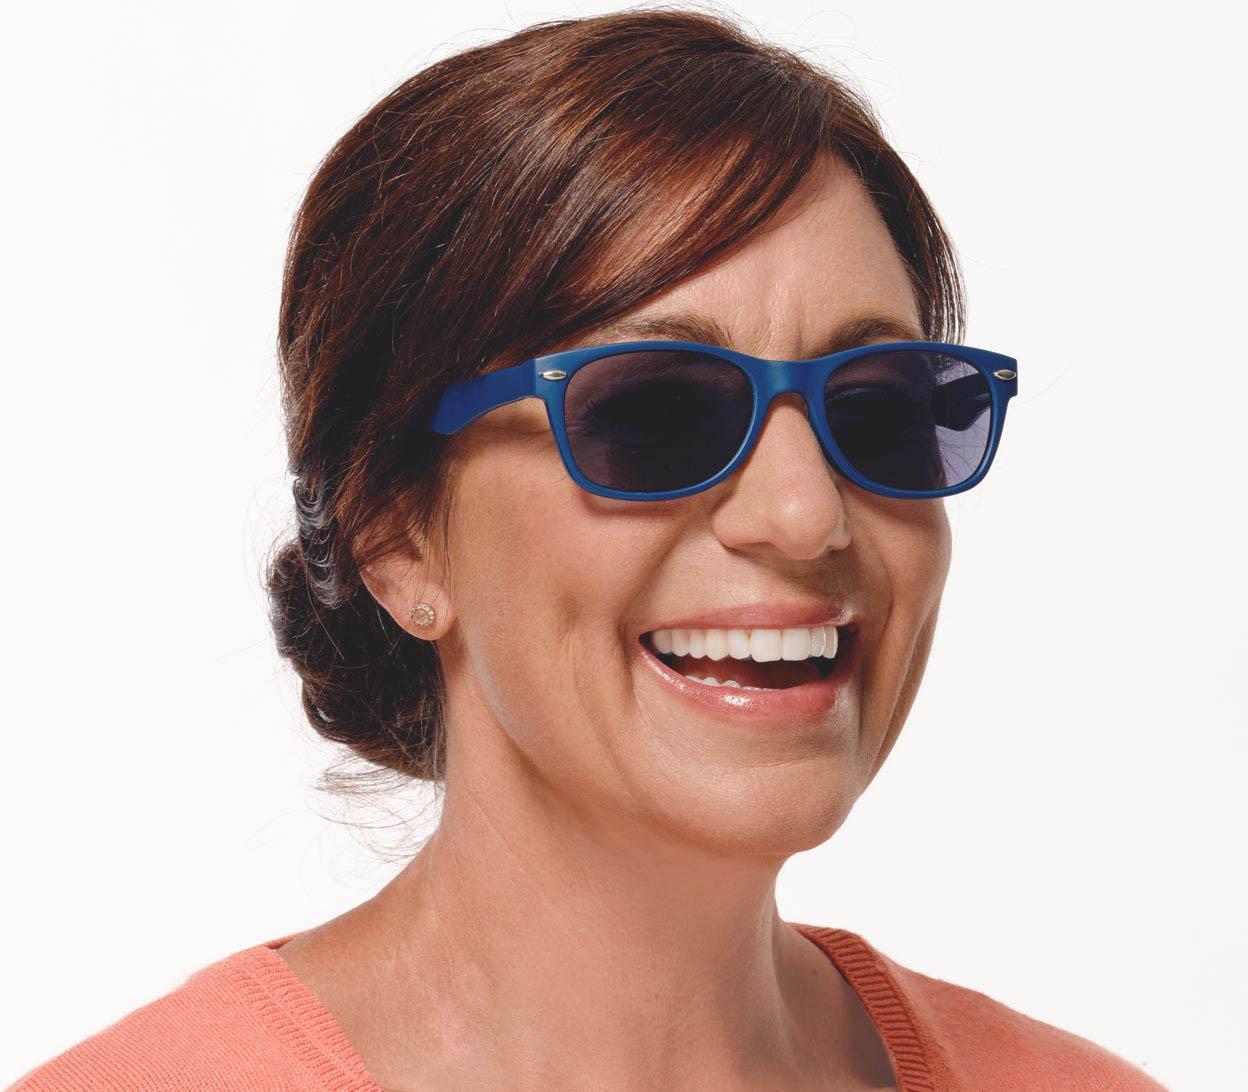 Model Image 1 - Seville (Blue)